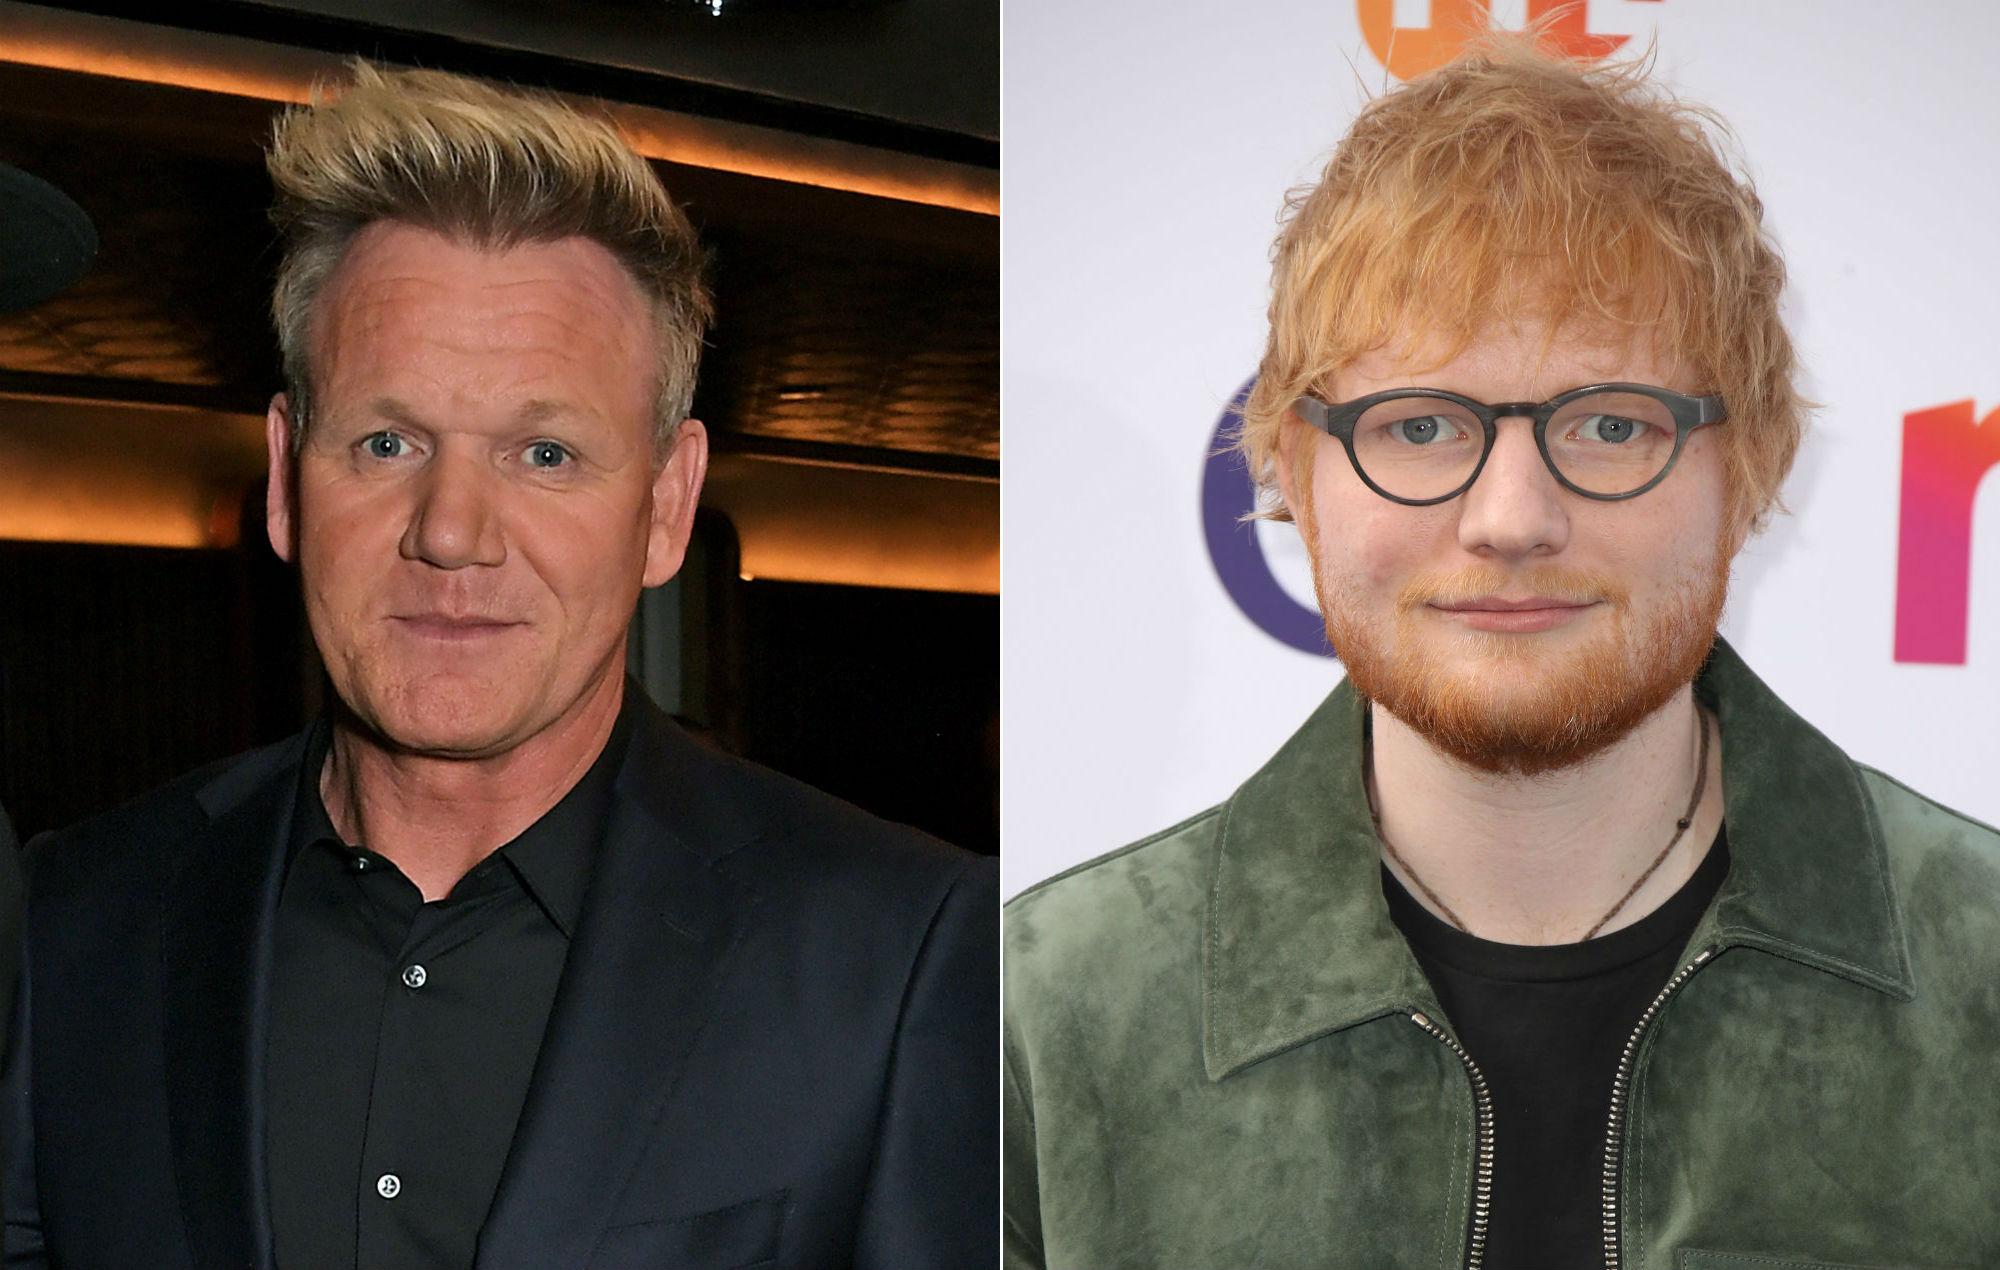 Gordon Ramsay hires Ed Sheeran to perform at his daughter's 18th birthday